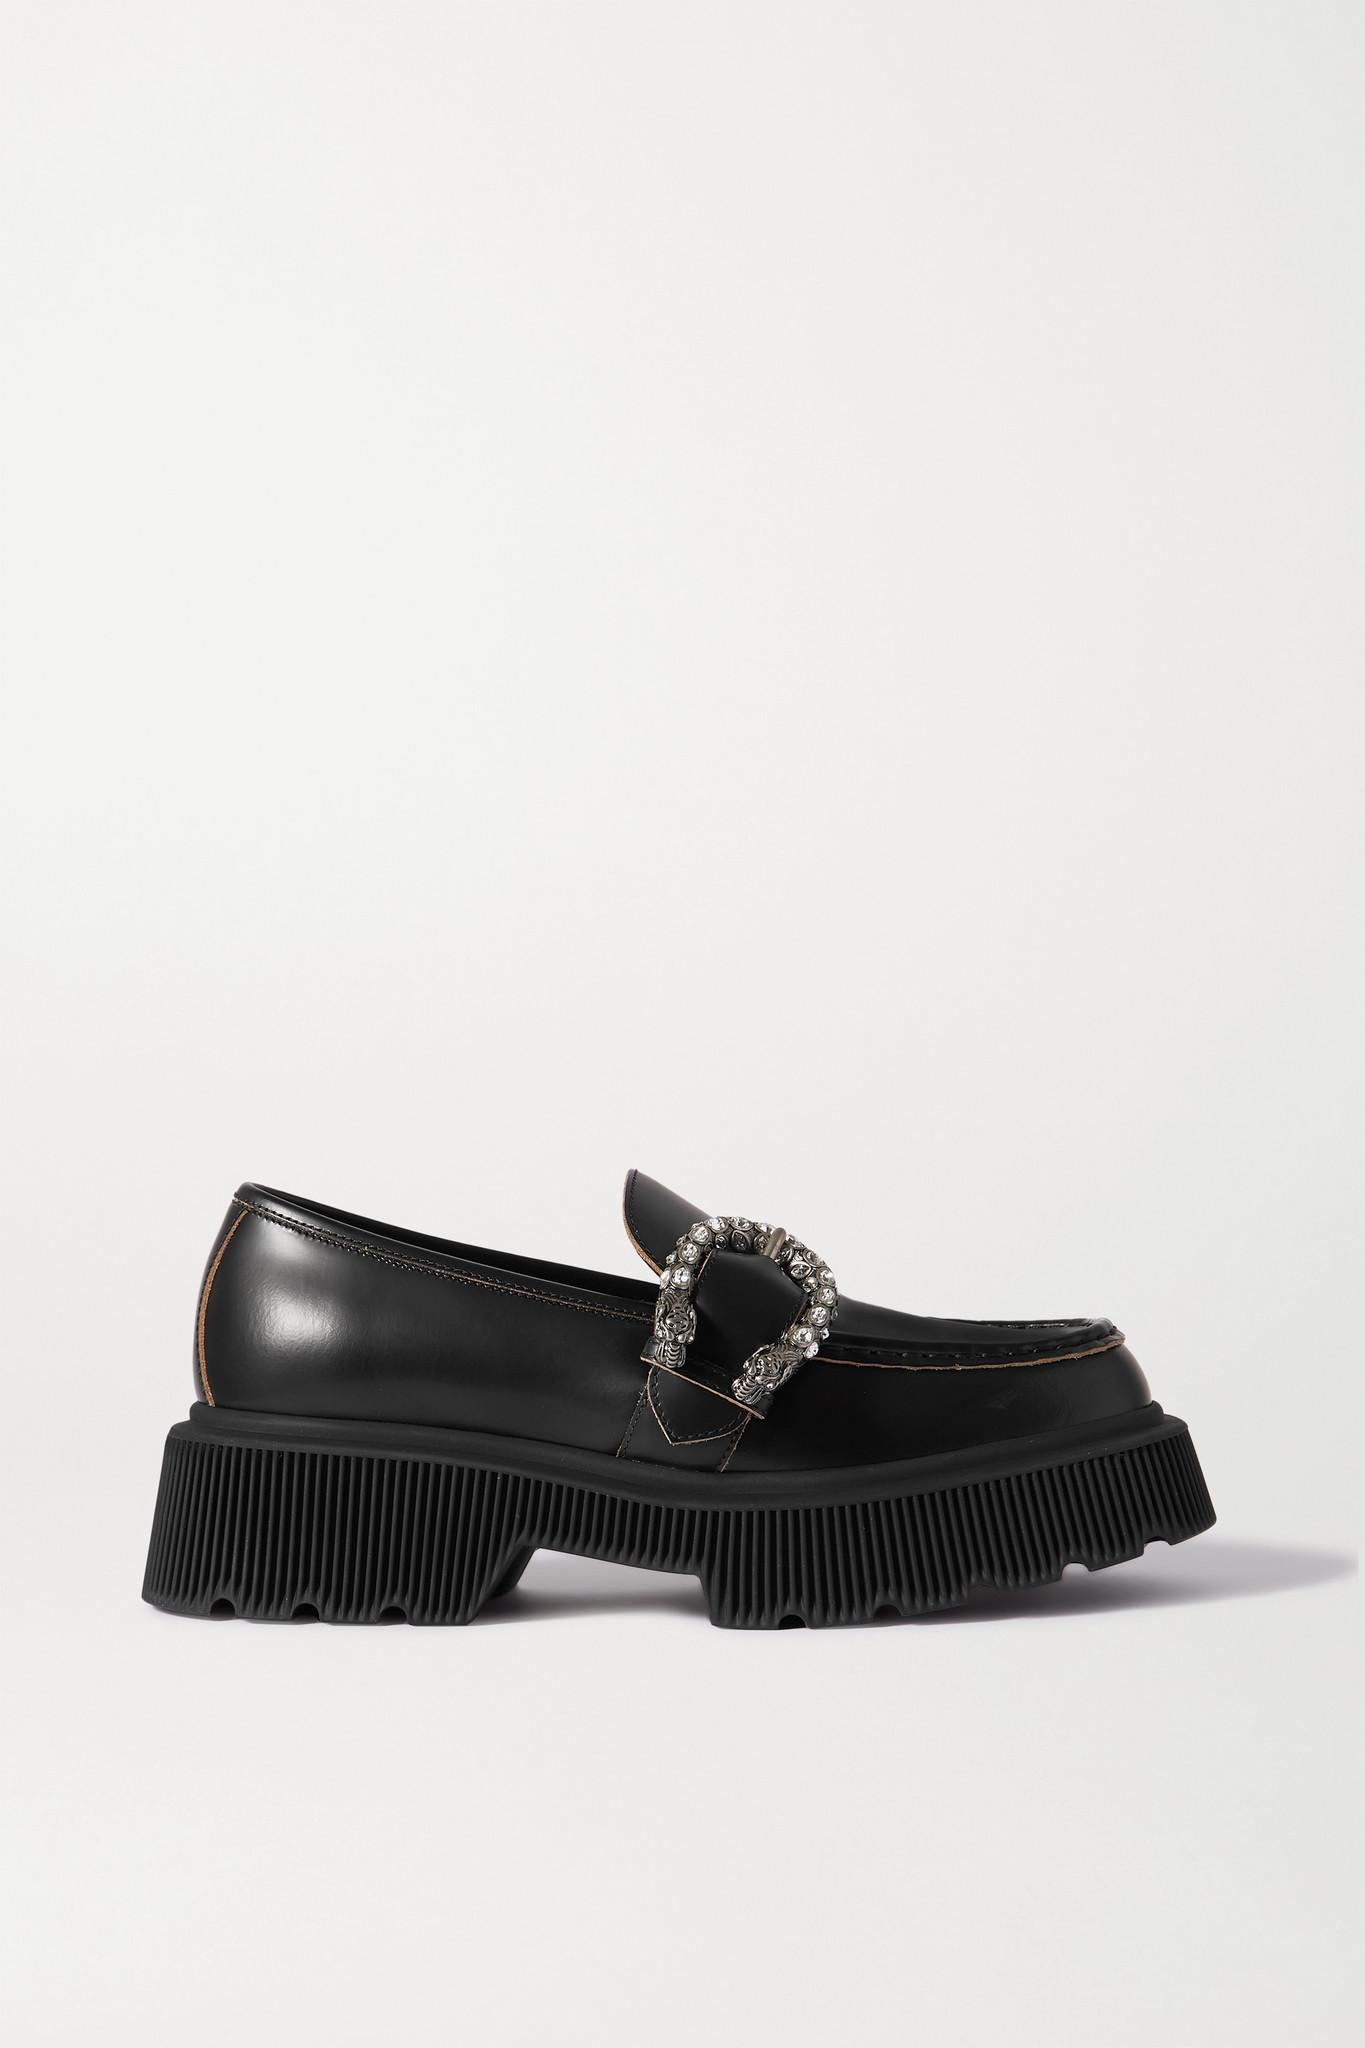 GUCCI - Hunder Crystal-embellished Leather Platform Loafers - Black - IT39